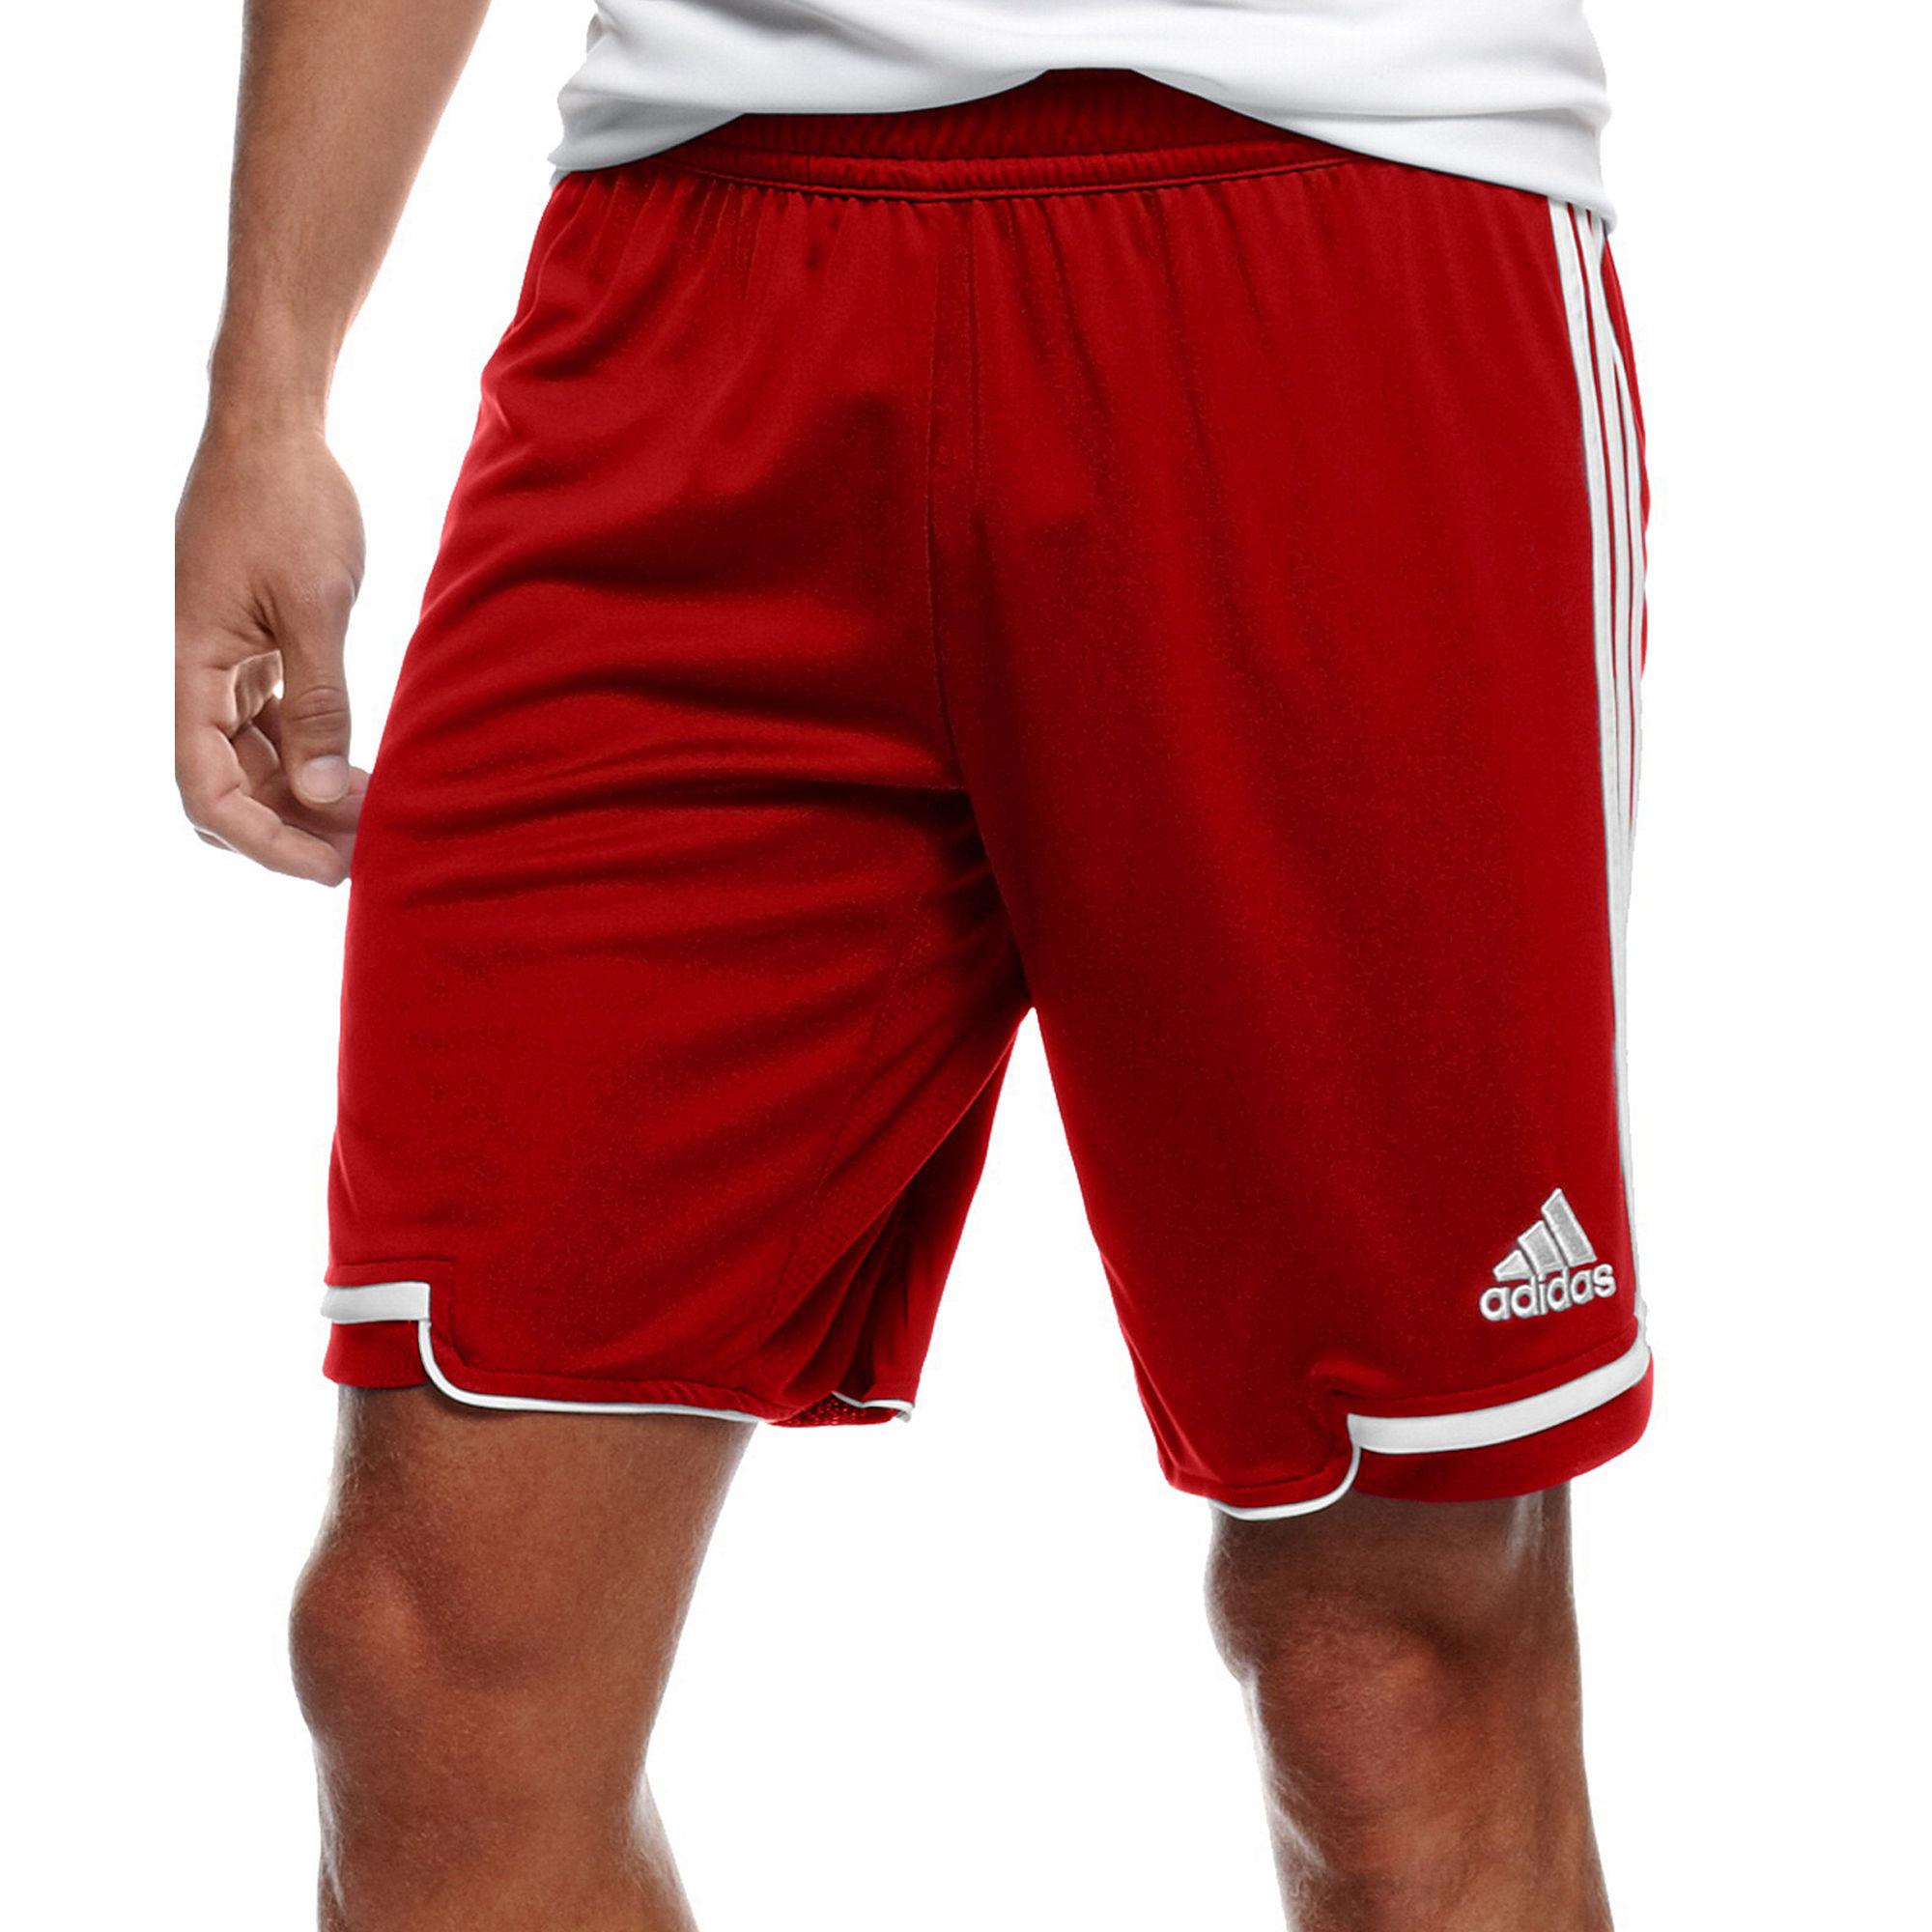 adidas Regista 18 Shorts Black | adidas Canada